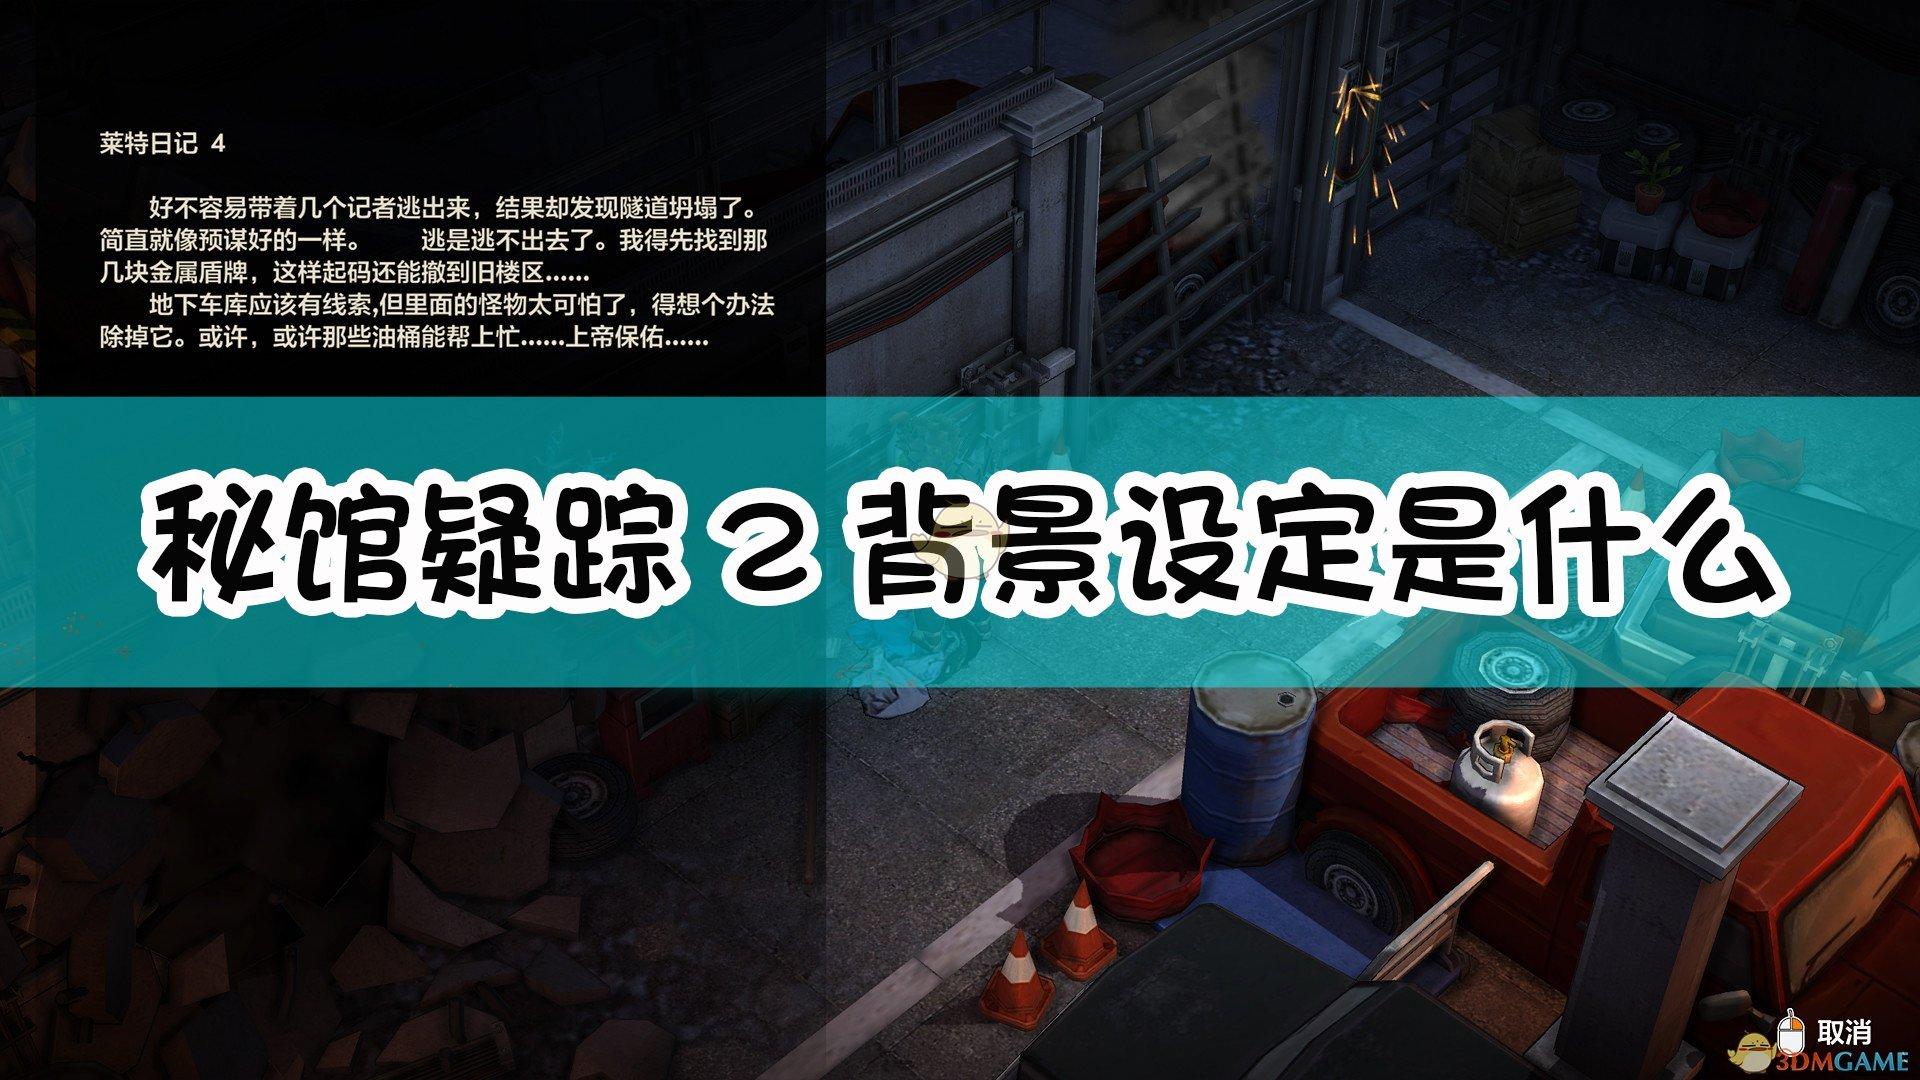 《秘馆疑踪2》背景故事介绍